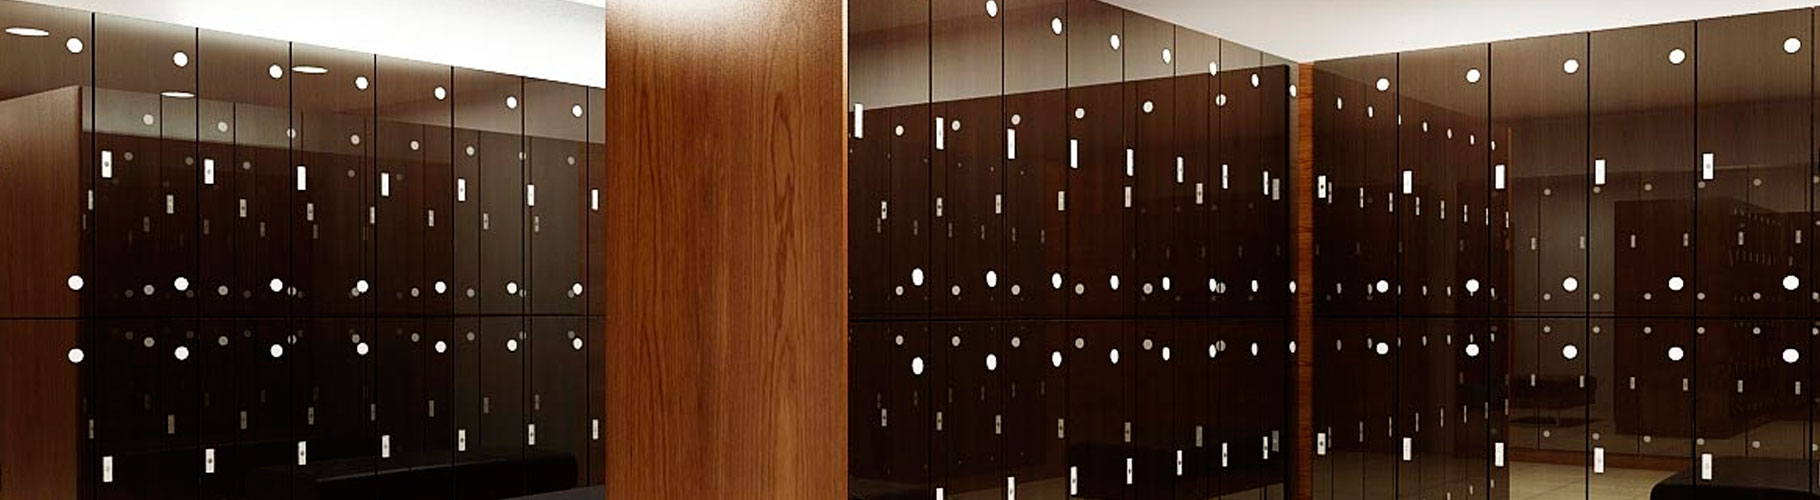 lockers-de-pvc-espejo-b1